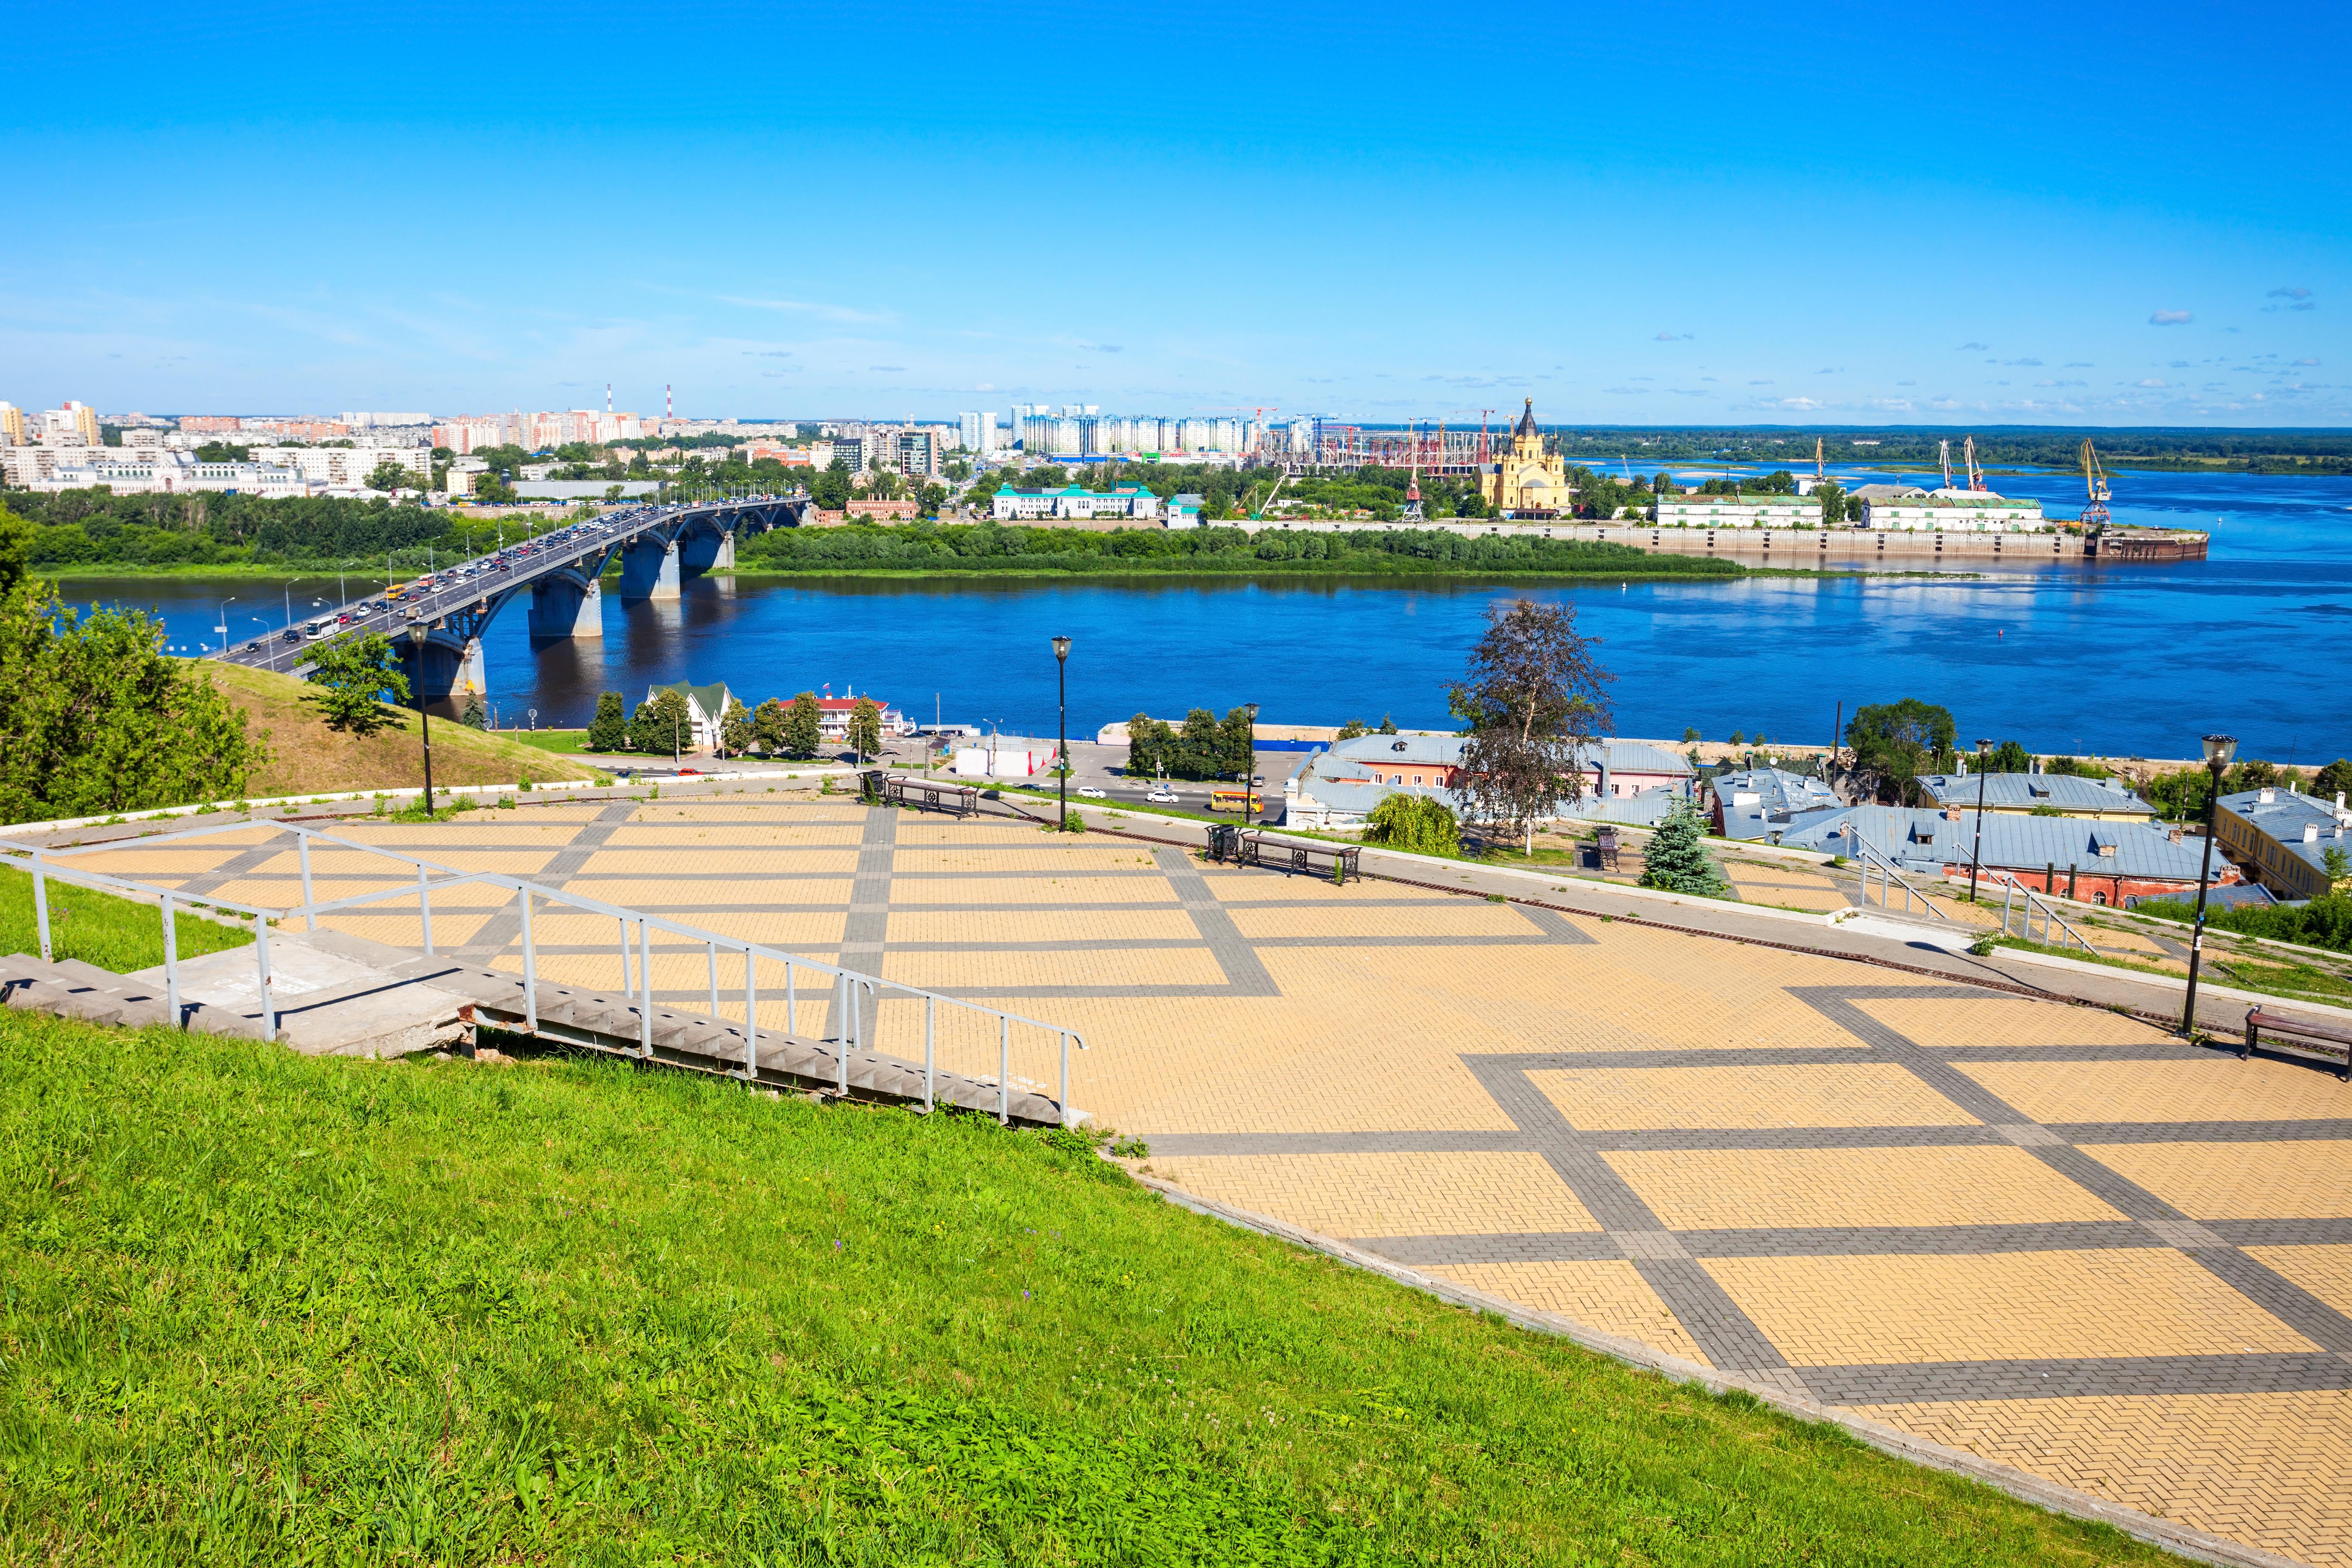 Федоровская набережная, Нижний Новгород